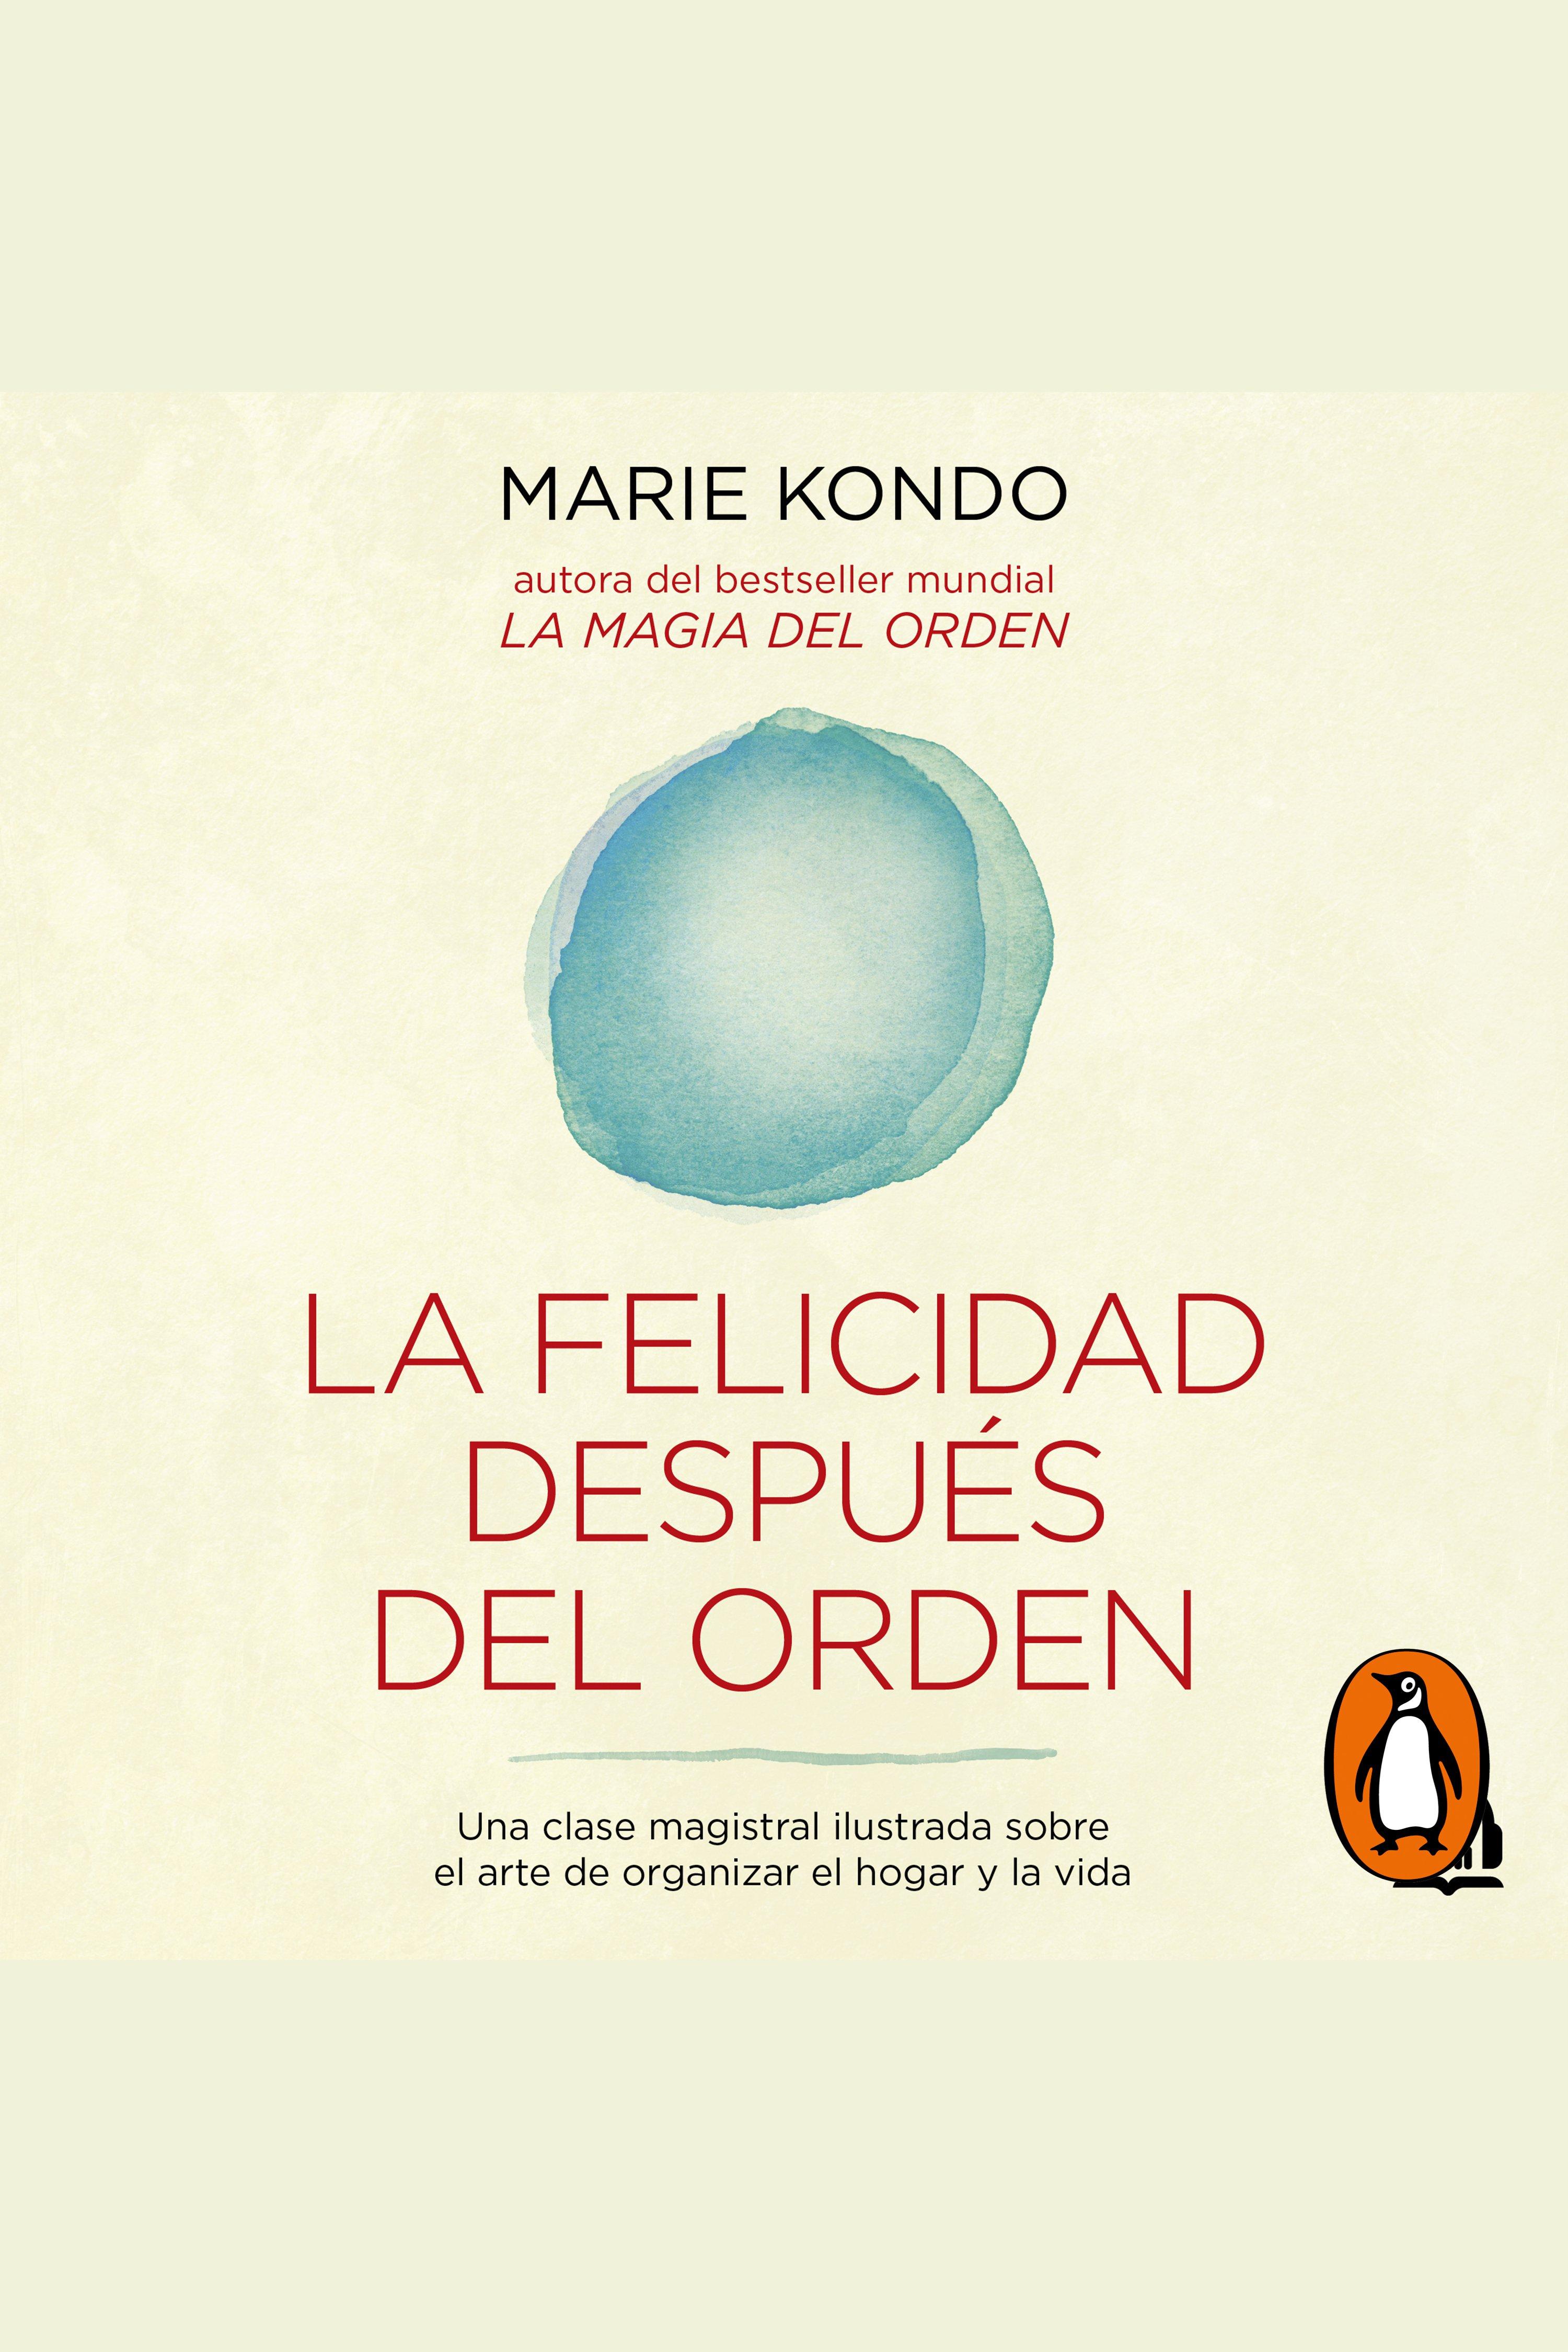 La felicidad después del orden (La magia del orden 2) Una clase magistral ilustrada sobre el arte de organizar el hogar y la vida